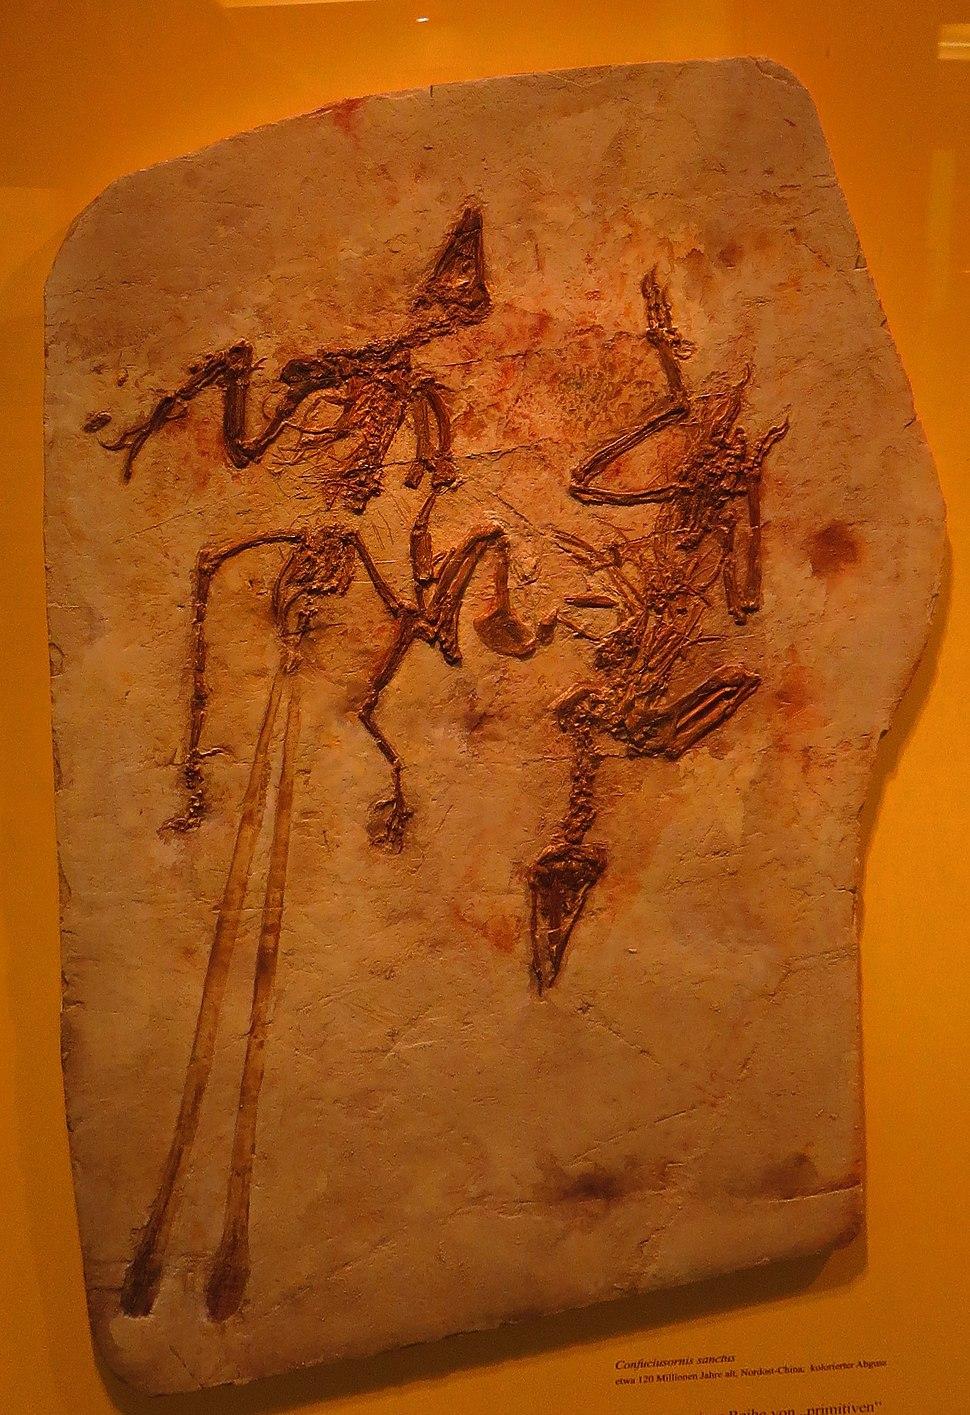 Confuciusornis sanctus 3784